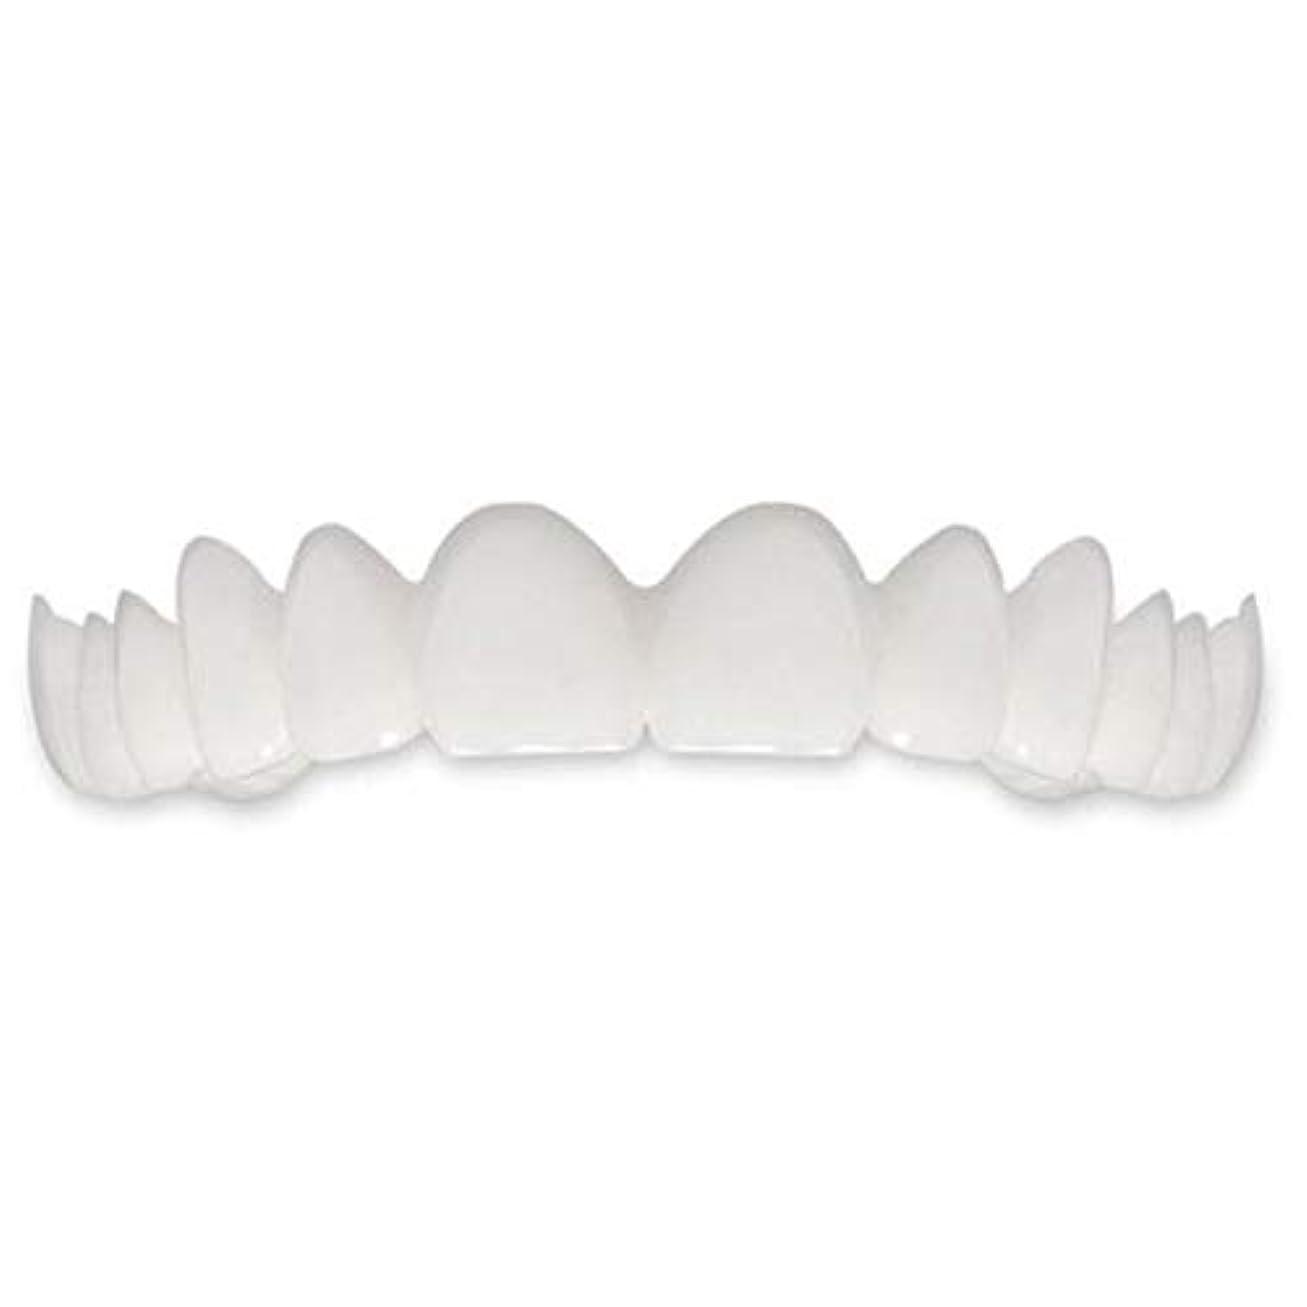 アラスカセンター衝動笑顔の偽歯カバーを白くする歯の瞬間の完璧な笑顔フレックス歯 - ホワイト